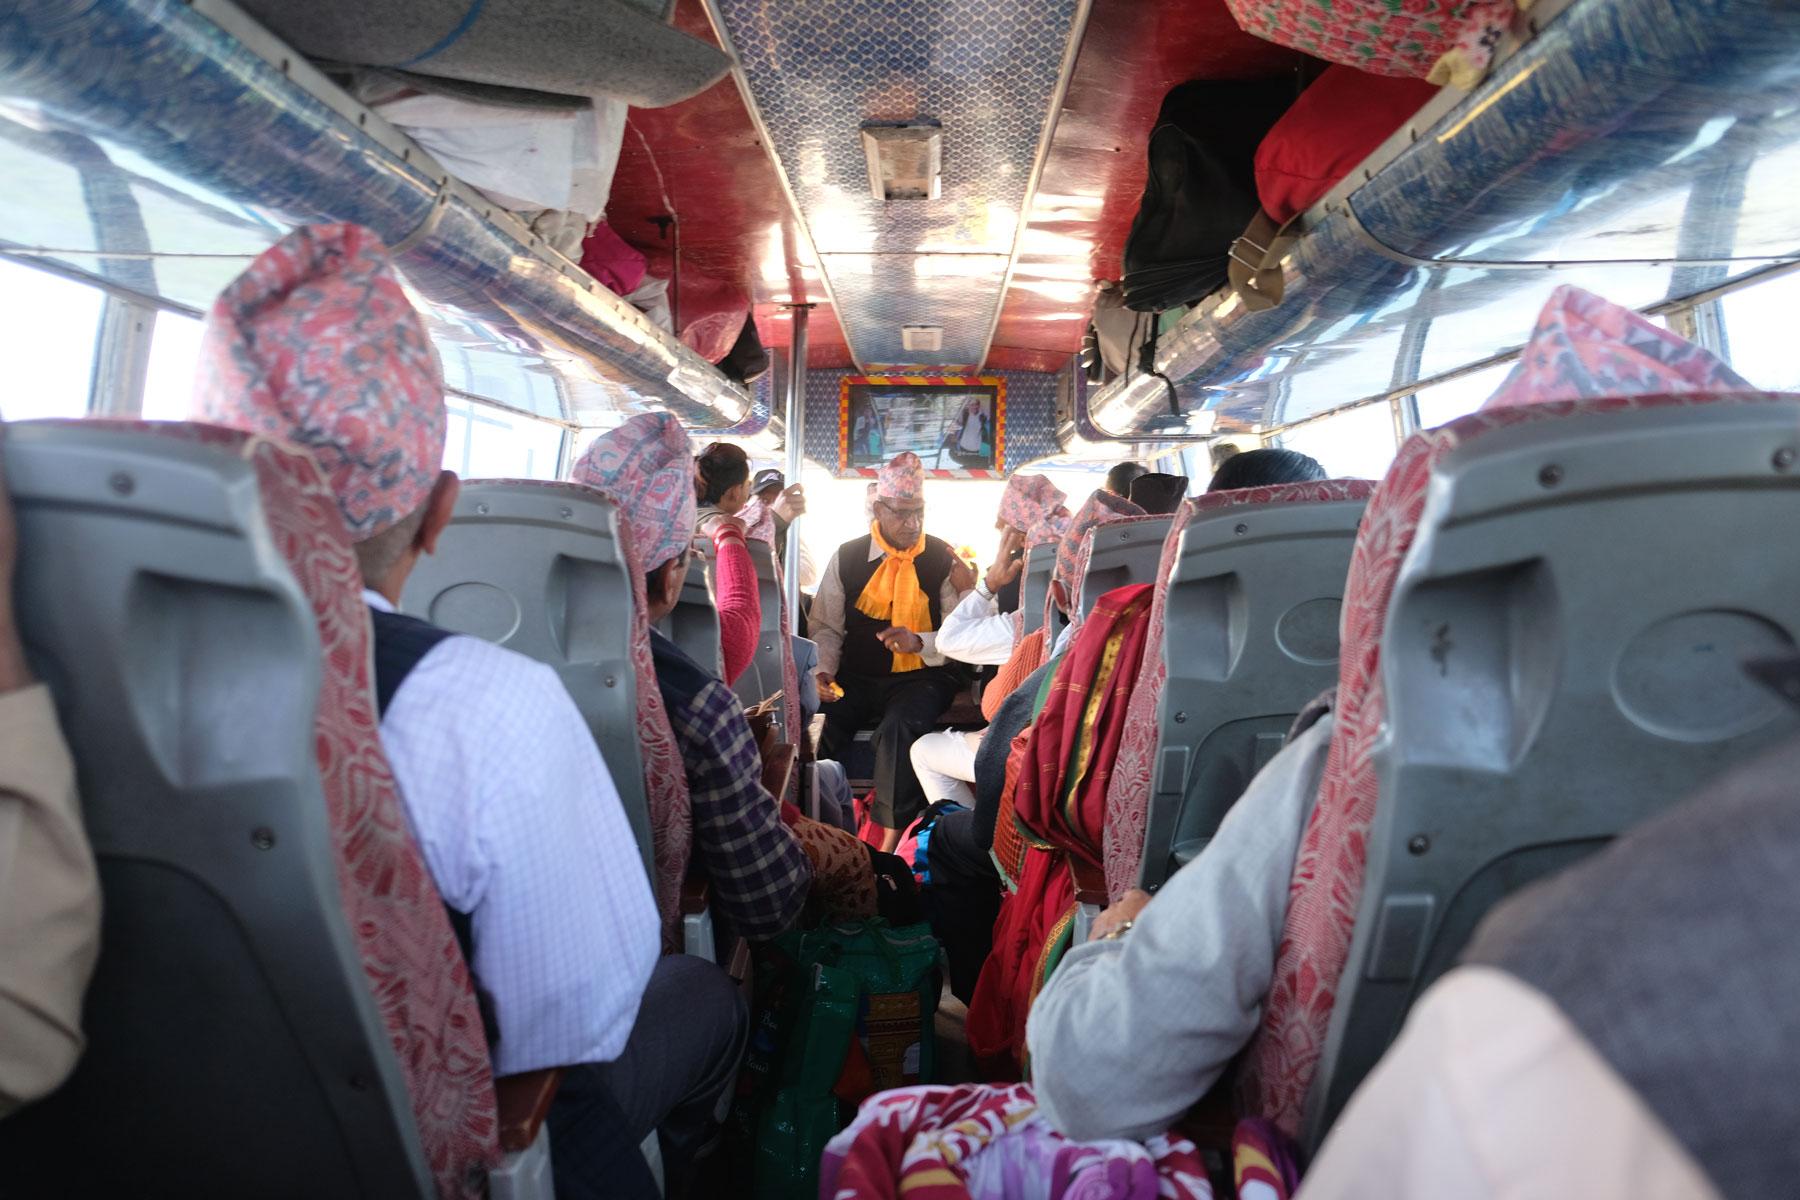 Nepalesische Pilger mit rosafarbenene Hüten in einem Bus.